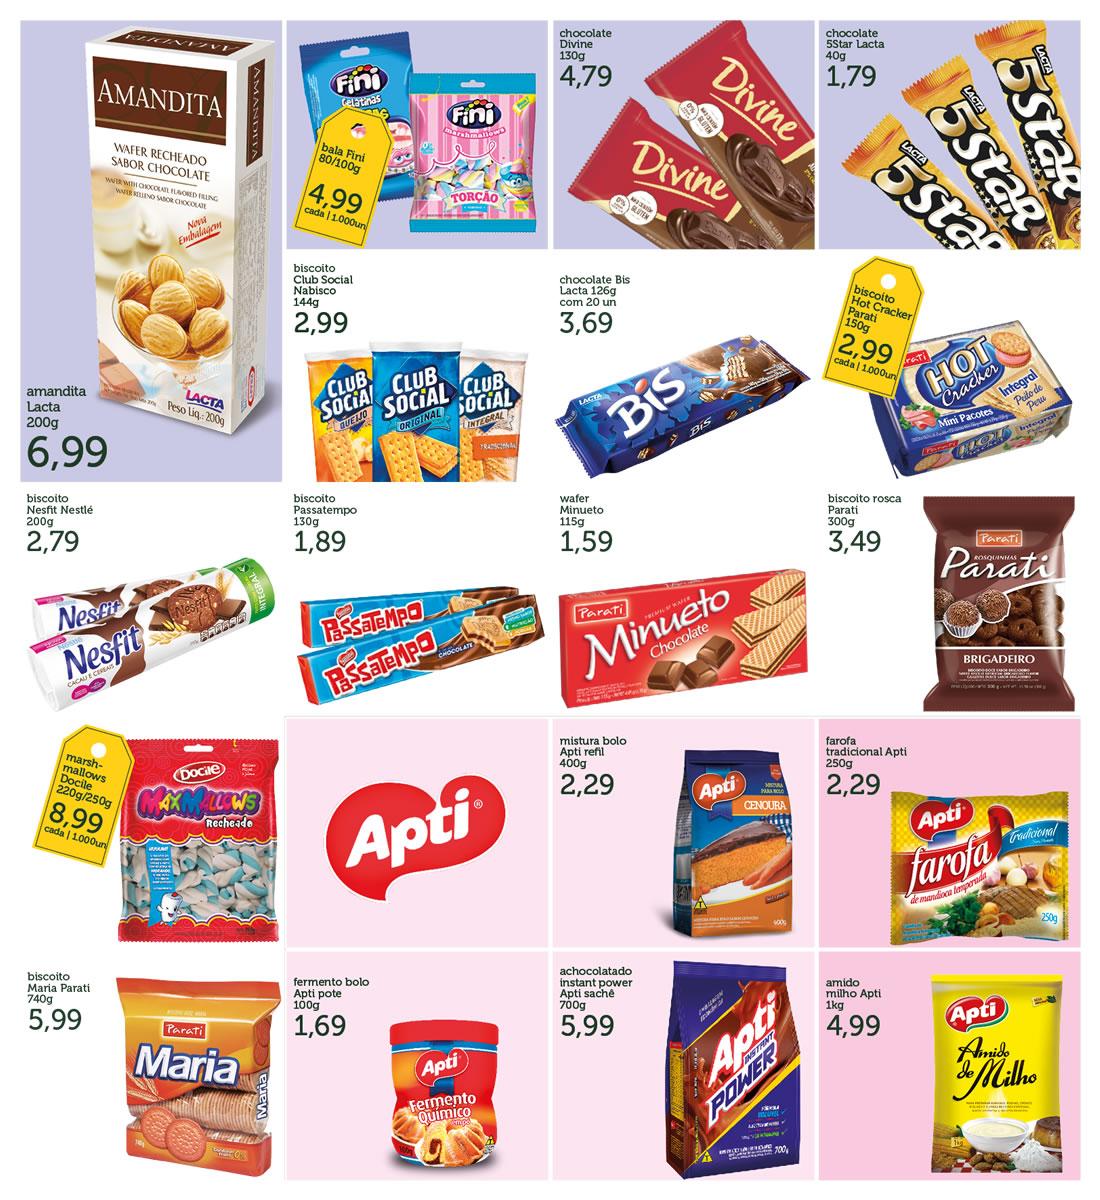 caita_supermercados_tabloide_agosto2018_bento06